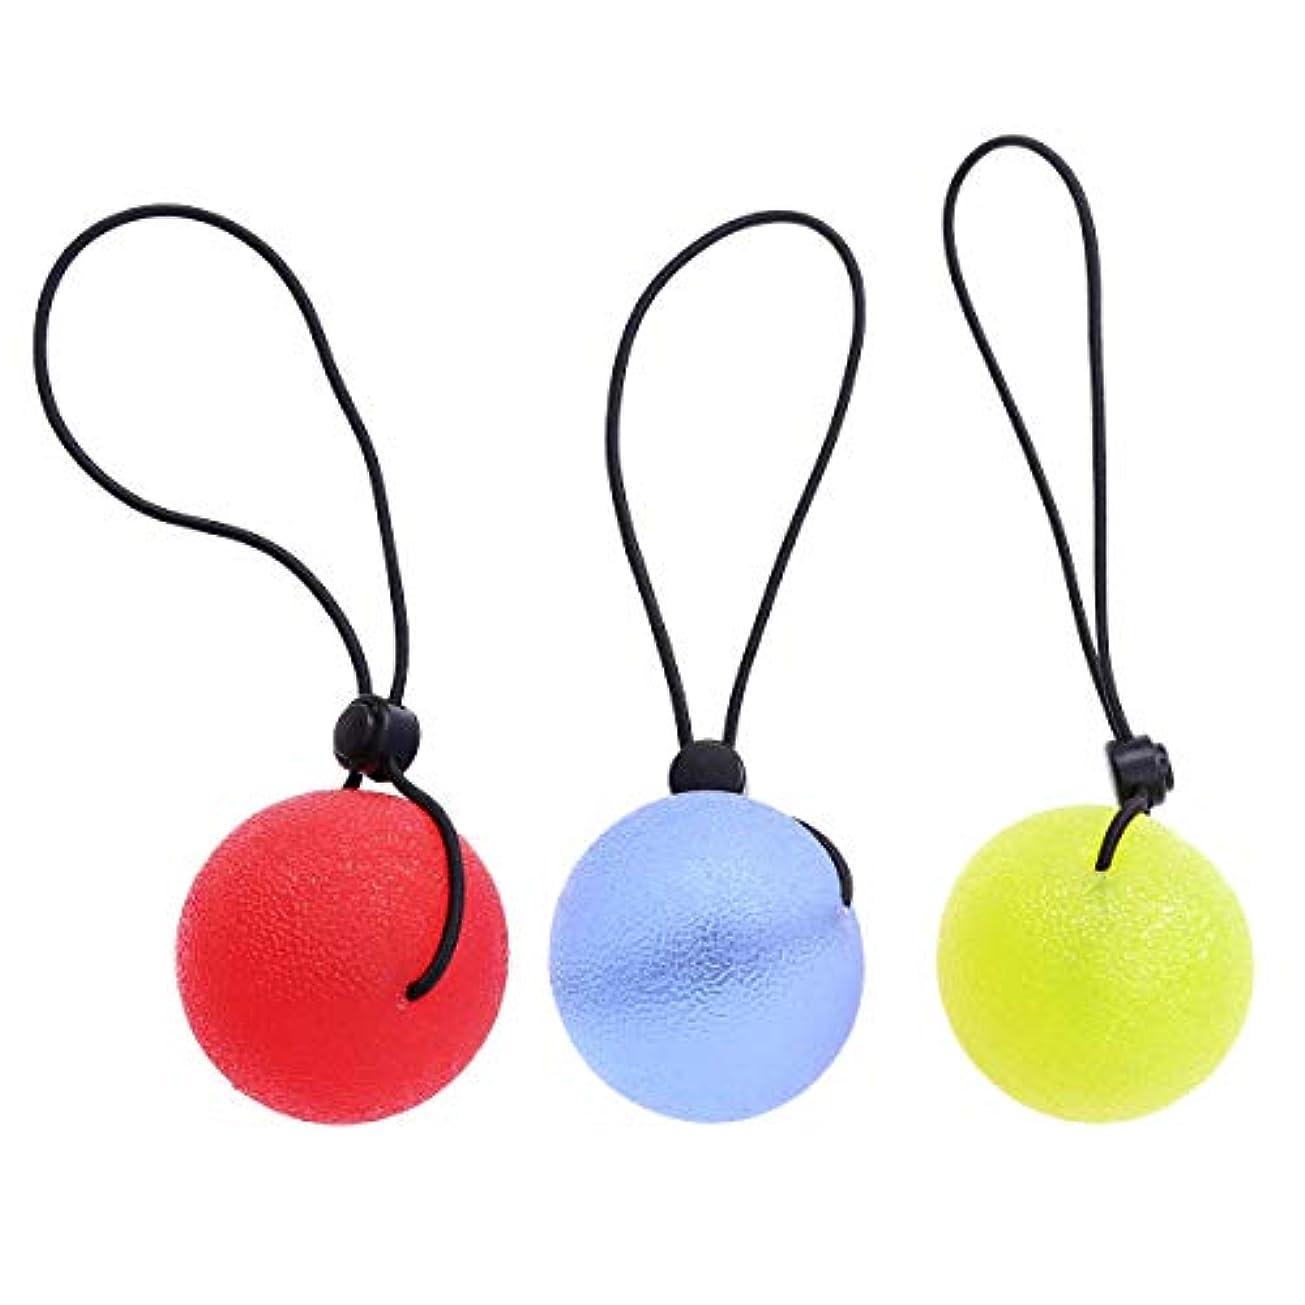 通行人気分が良い吸収するSUPVOX 3個シリコーングリップボールハンドエクササイズボールハンドセラピー強化剤トレーナー